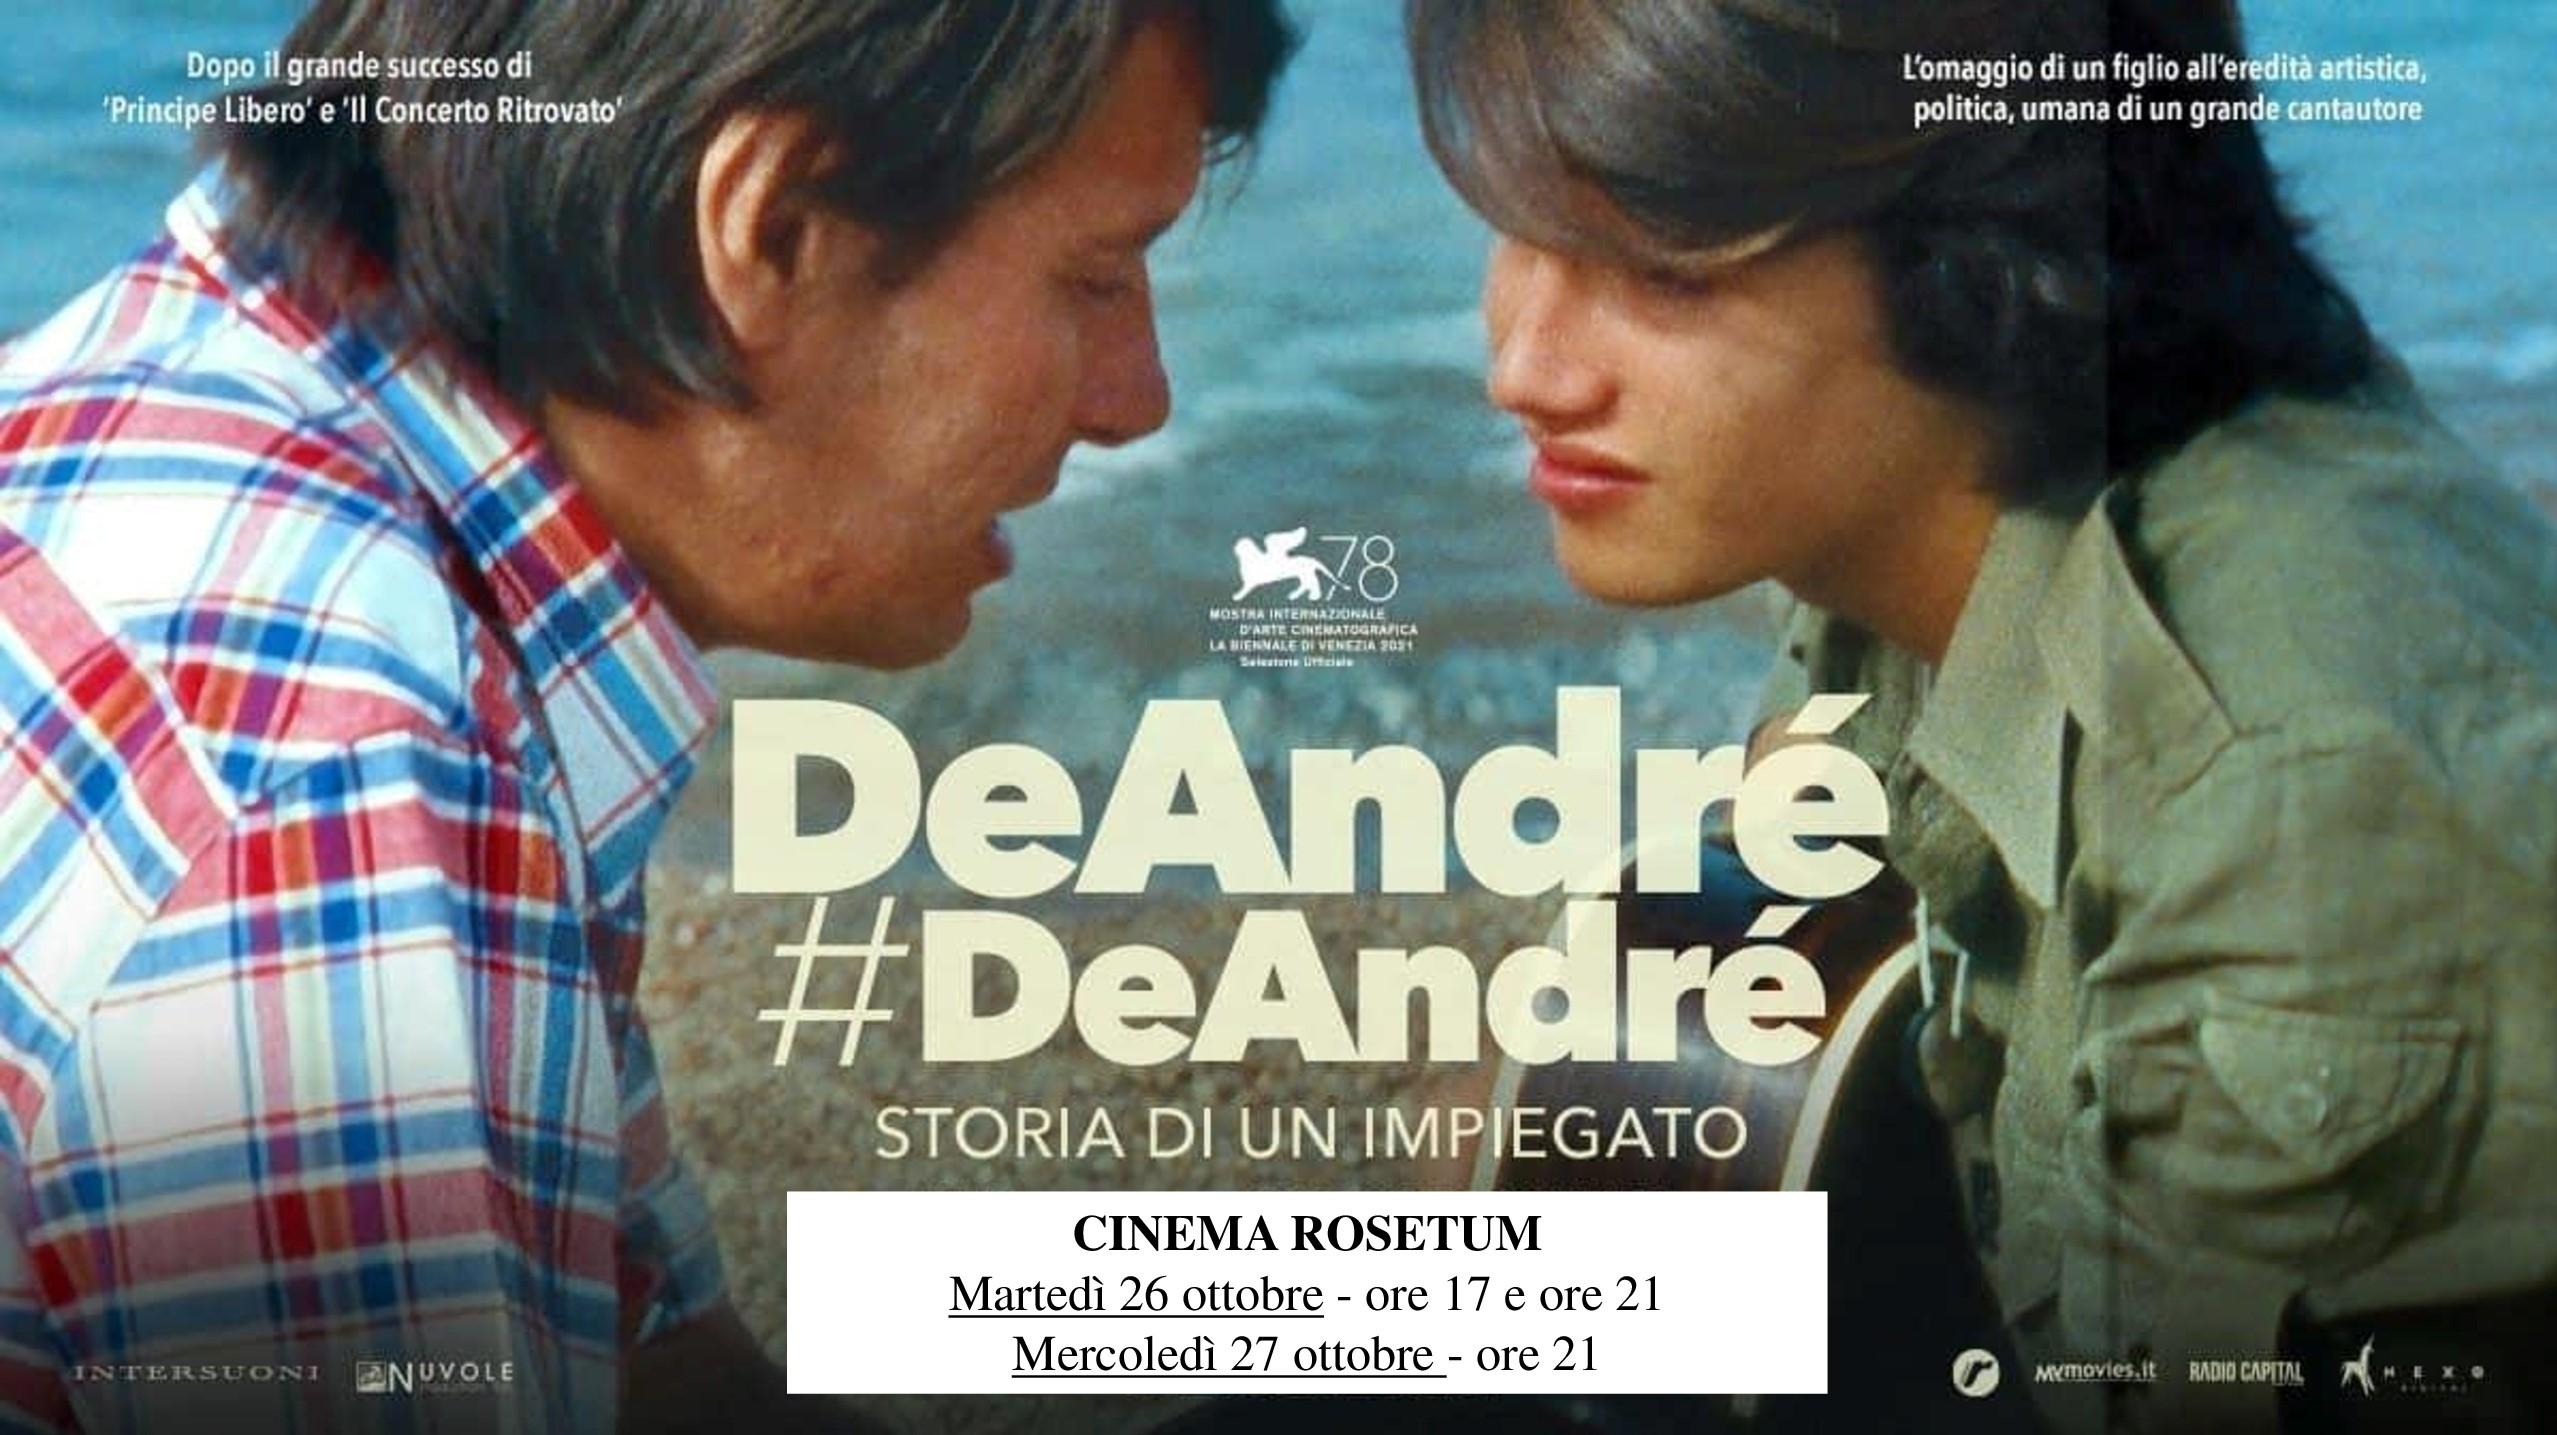 DeAndrè#DeAndrè -storia di un impiegato cinema rosetum 26 e 7 ottobre 2021